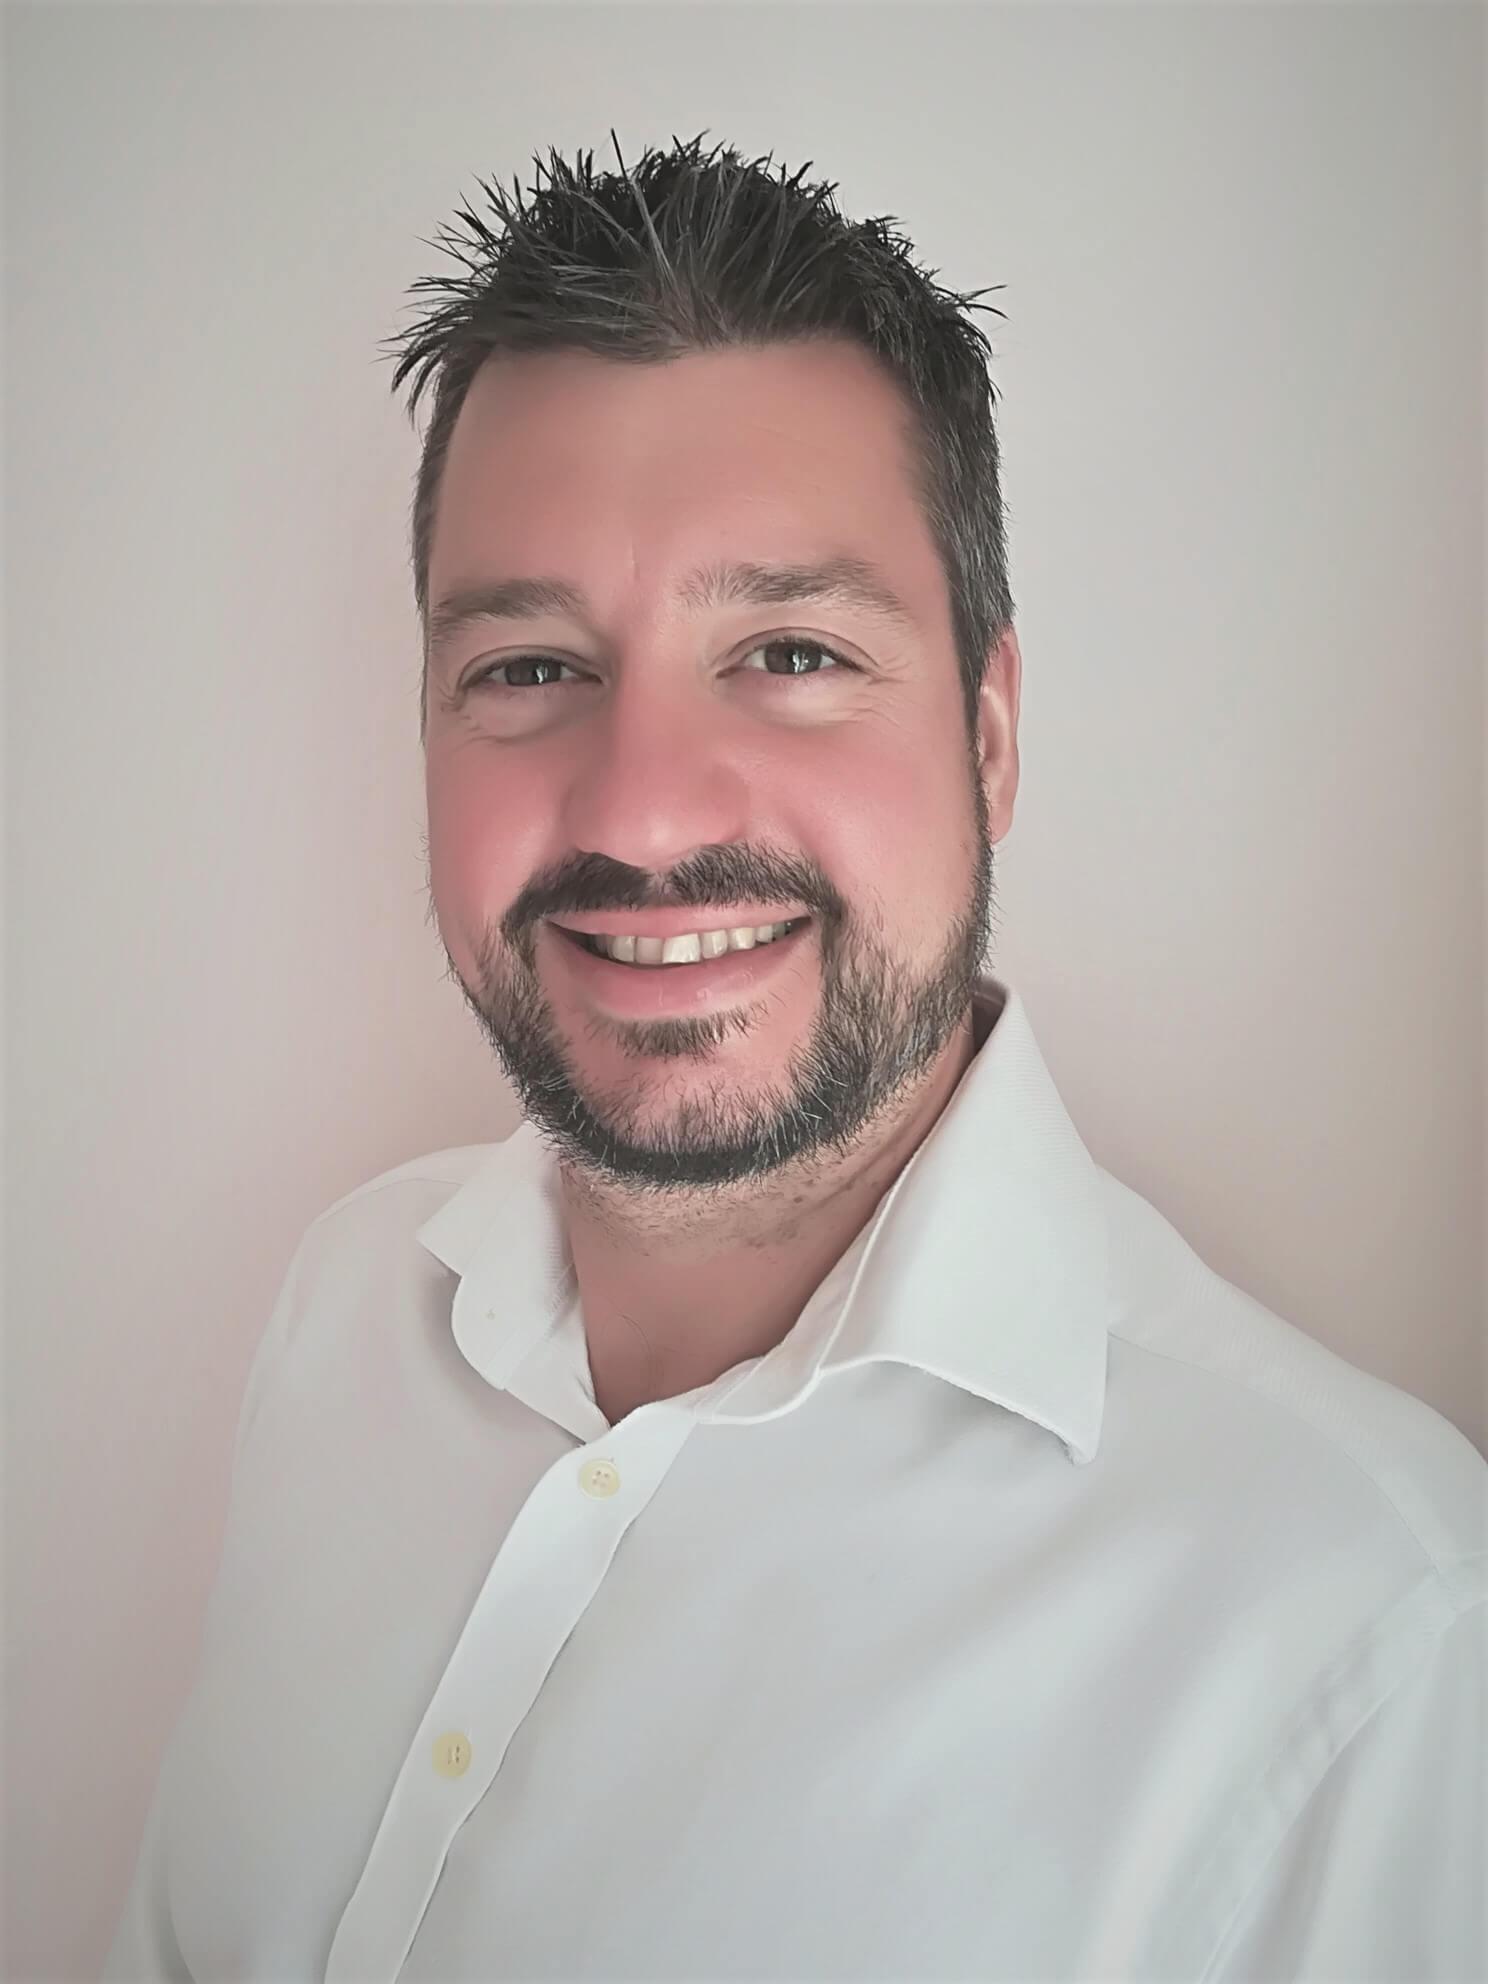 Ben Neffendorf